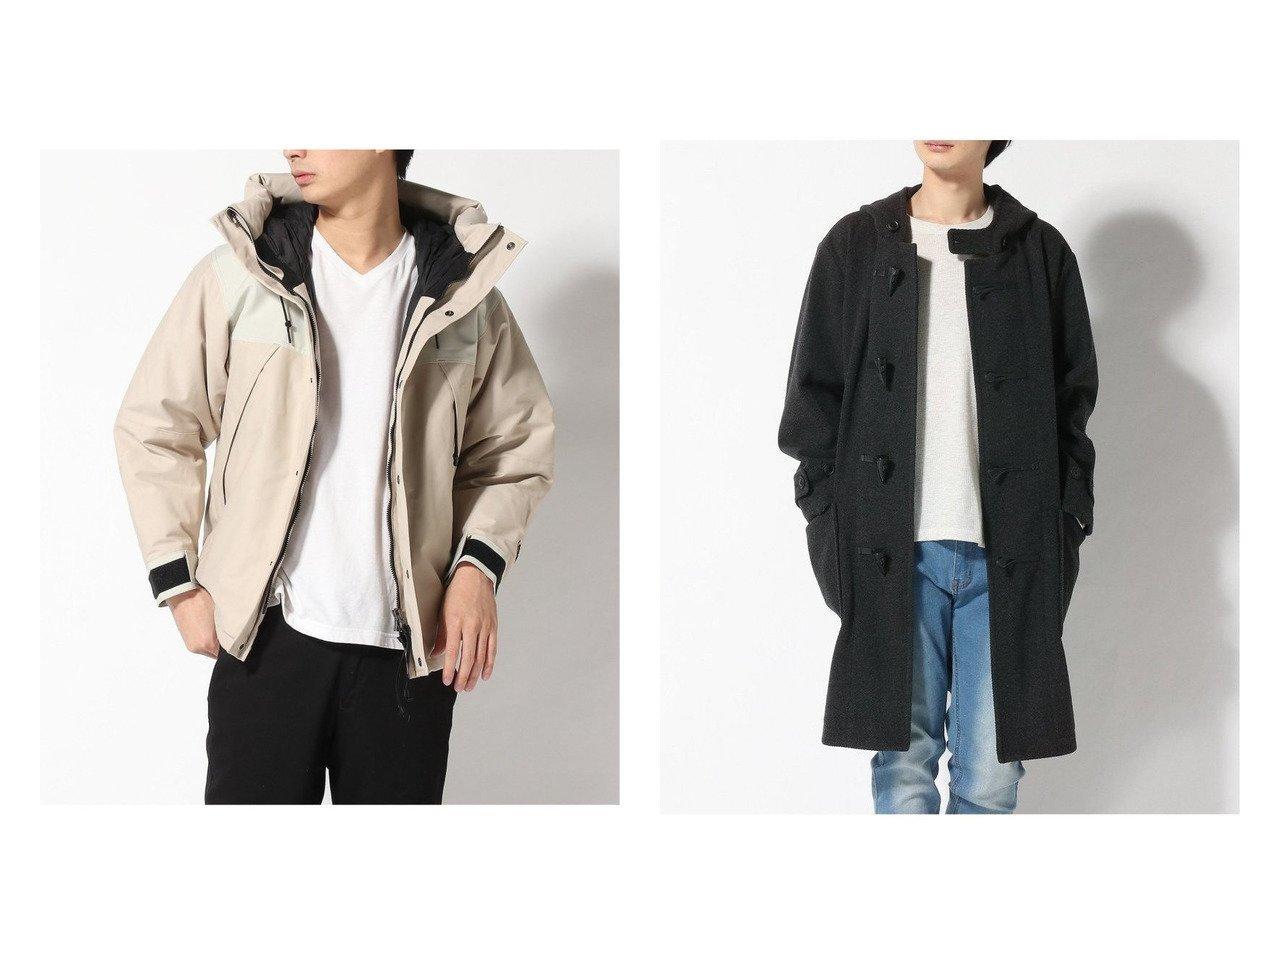 【GLOBAL WORK / MEN/グローバルワーク】のウールダッフルコート&【LASKA PRO / MEN/ラスカ プロ】のマウンテンダウンジャケット 【MEN】男性のおすすめ!人気トレンド・メンズファッションの通販 おすすめで人気のファッション通販商品 インテリア・家具・キッズファッション・メンズファッション・レディースファッション・服の通販 founy(ファニー) https://founy.com/ ファッション Fashion メンズ MEN インナー ジャケット ダウン ドット 防寒 ダッフルコート 定番 |ID:crp329100000006676